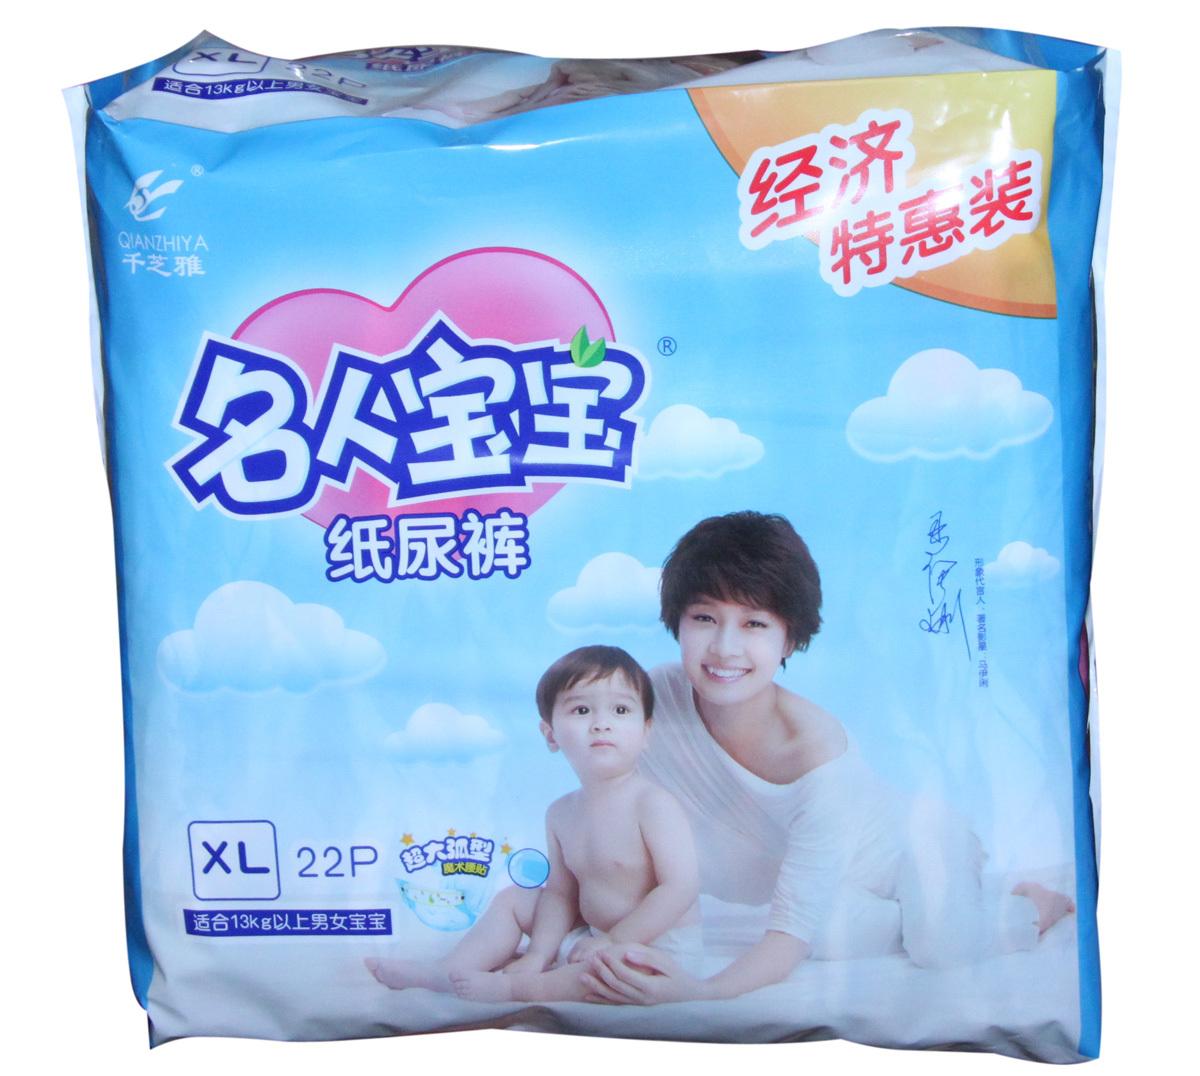 名人寶寶 經濟特惠裝(紙尿褲) XL22片